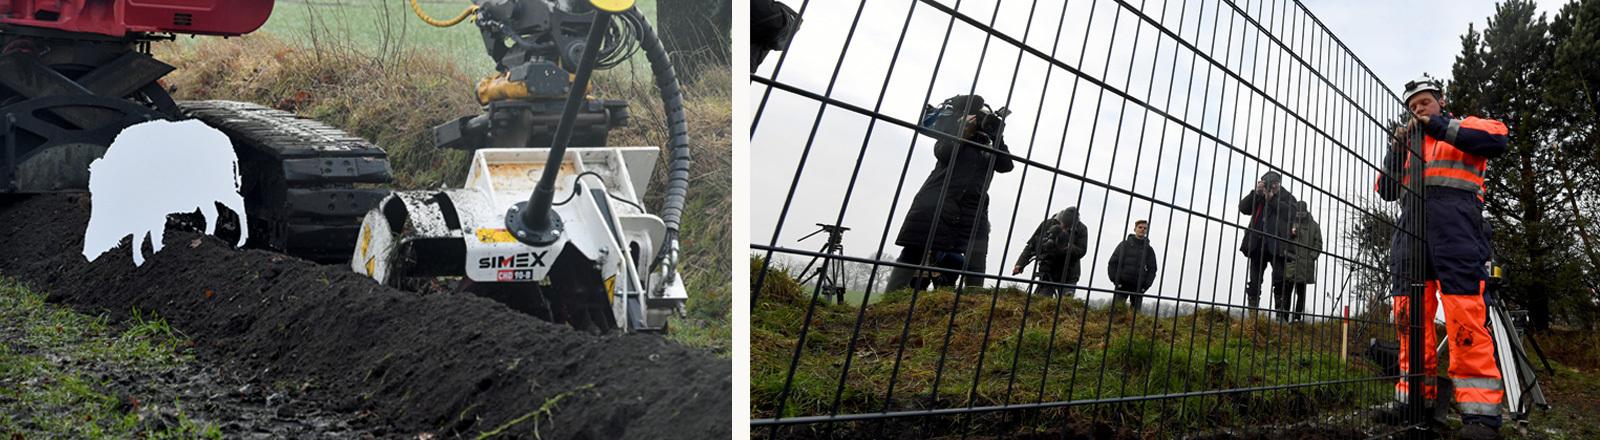 Bau eines 70 Kilometer langen Wildschweinzauns entlang der dänisch-deutschen Grenze zur Abwehr der afrikanischen Schweinepest